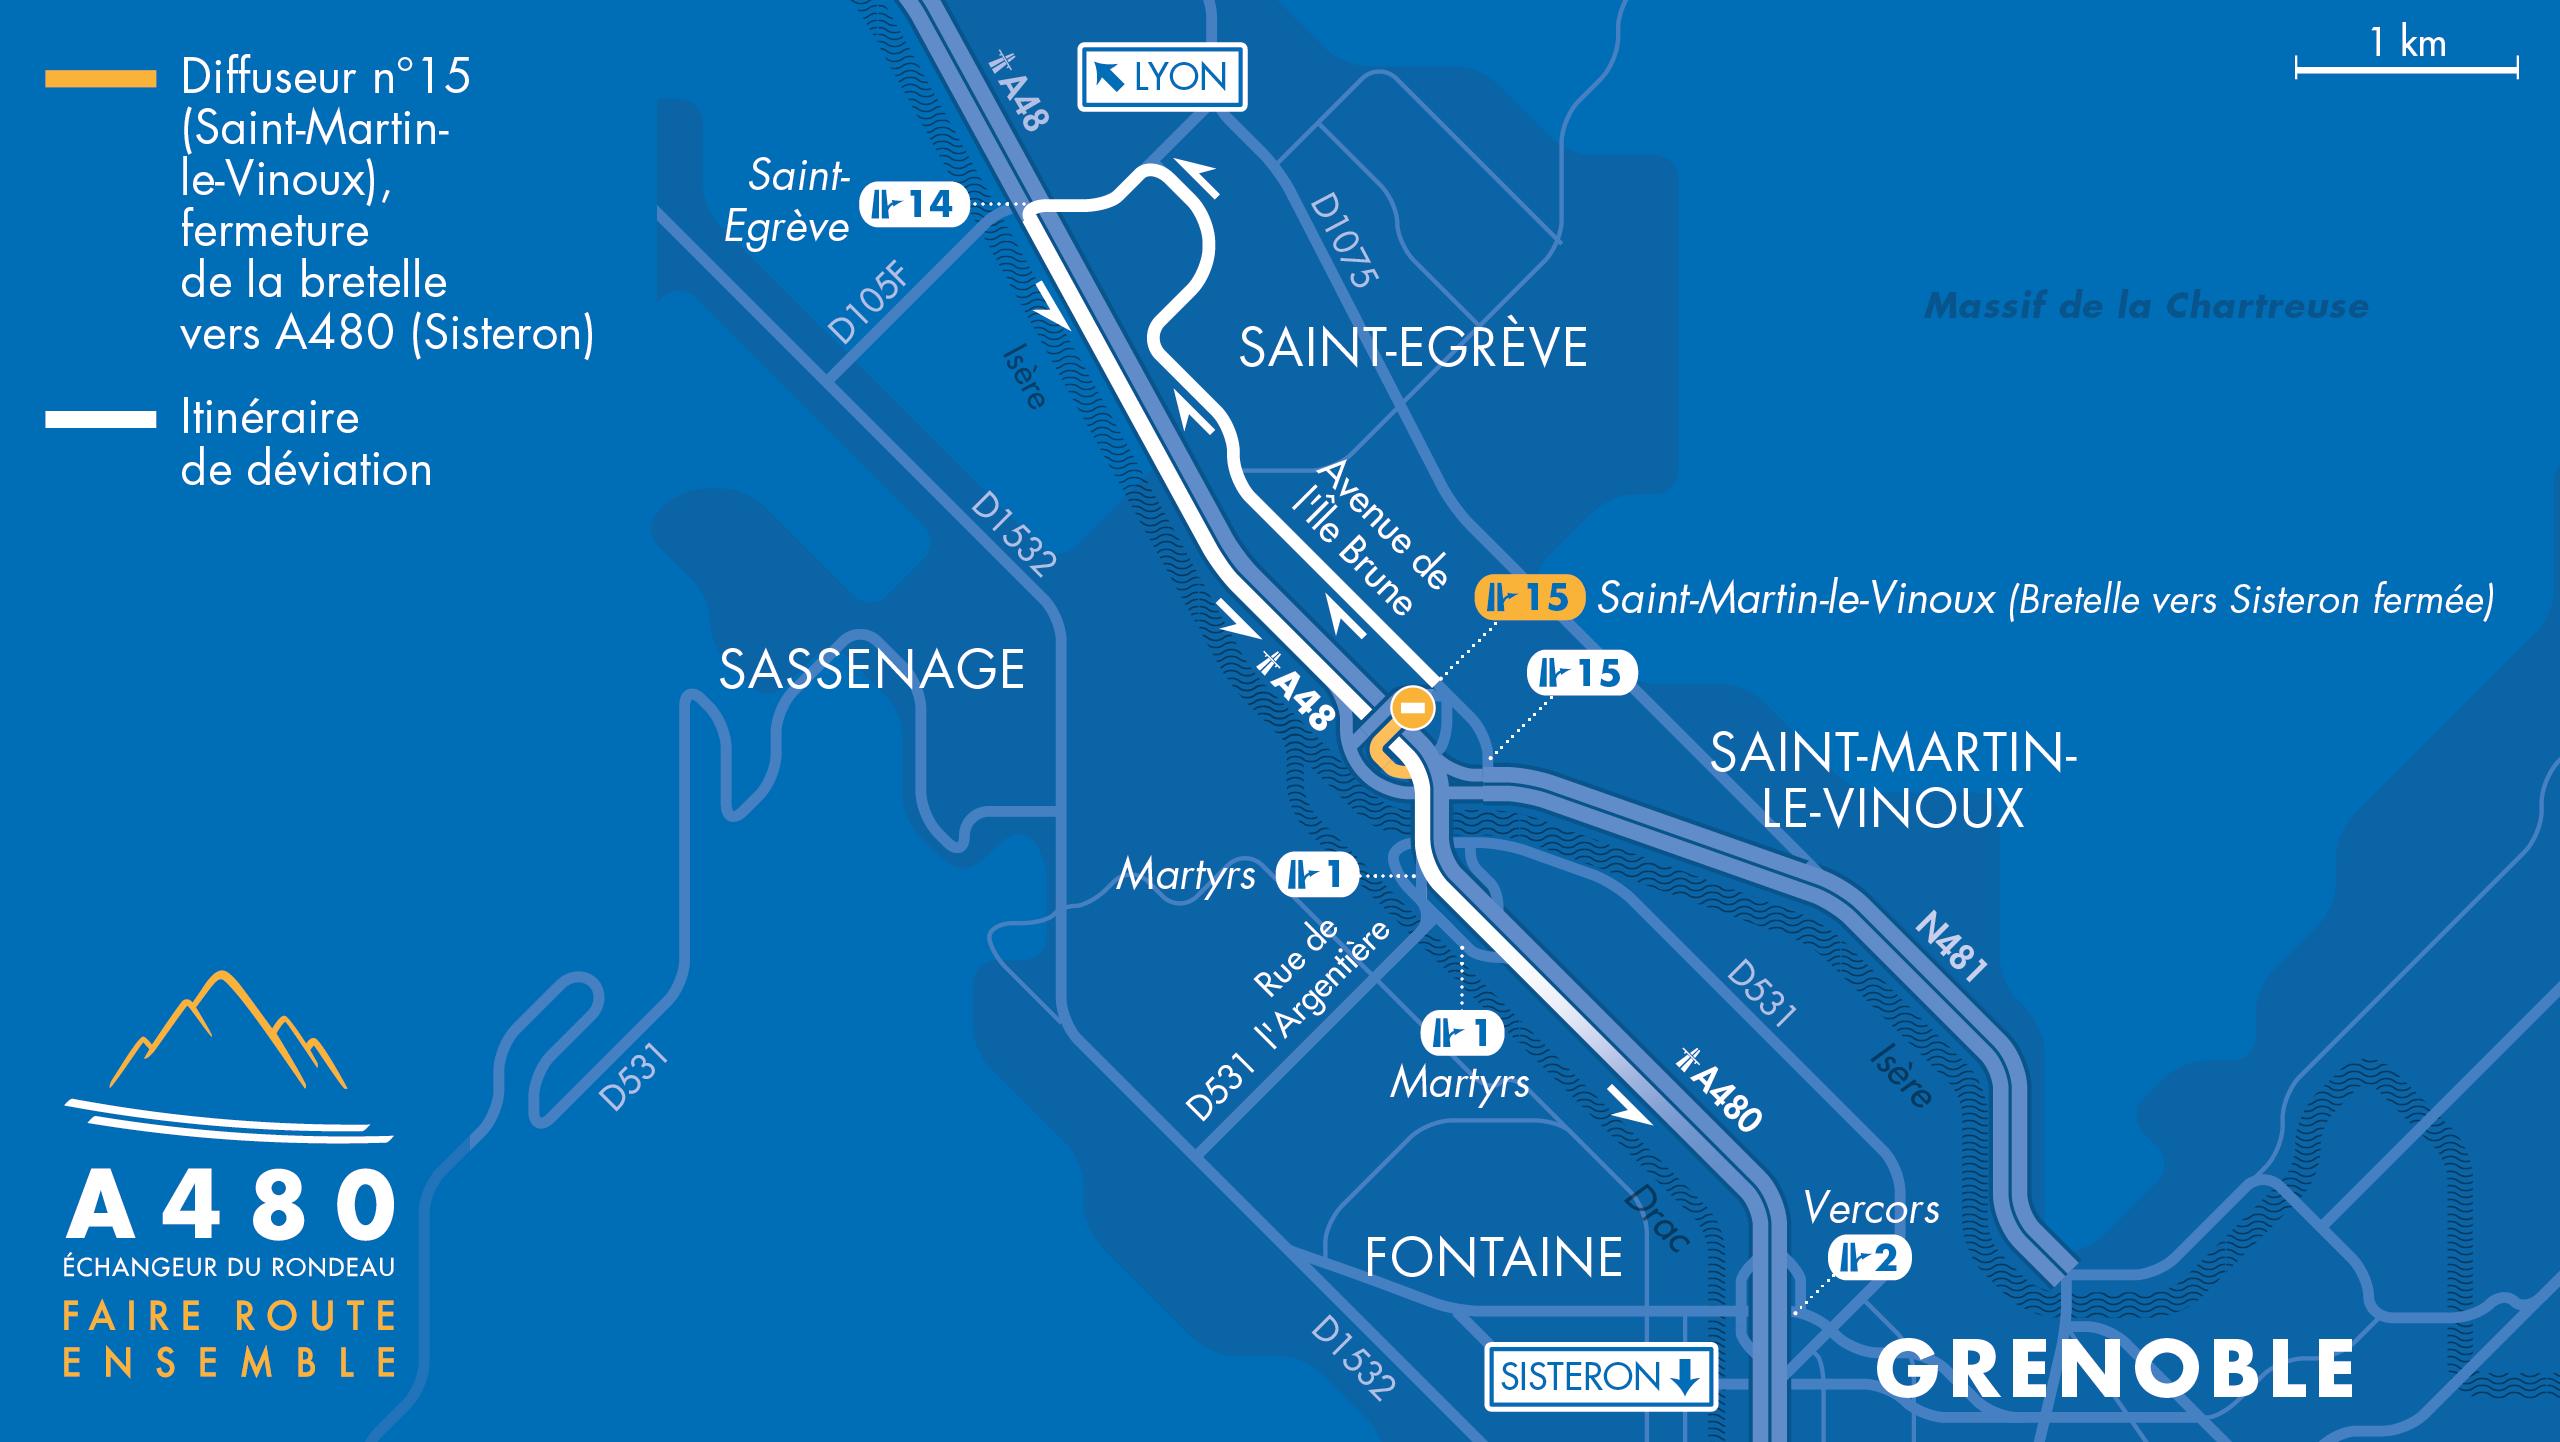 Carte des travaux sur l'A480 en direction de Grenoble et Sisteron au niveau du diffuseur Saint-Martin-le-Vinoux (n°15)